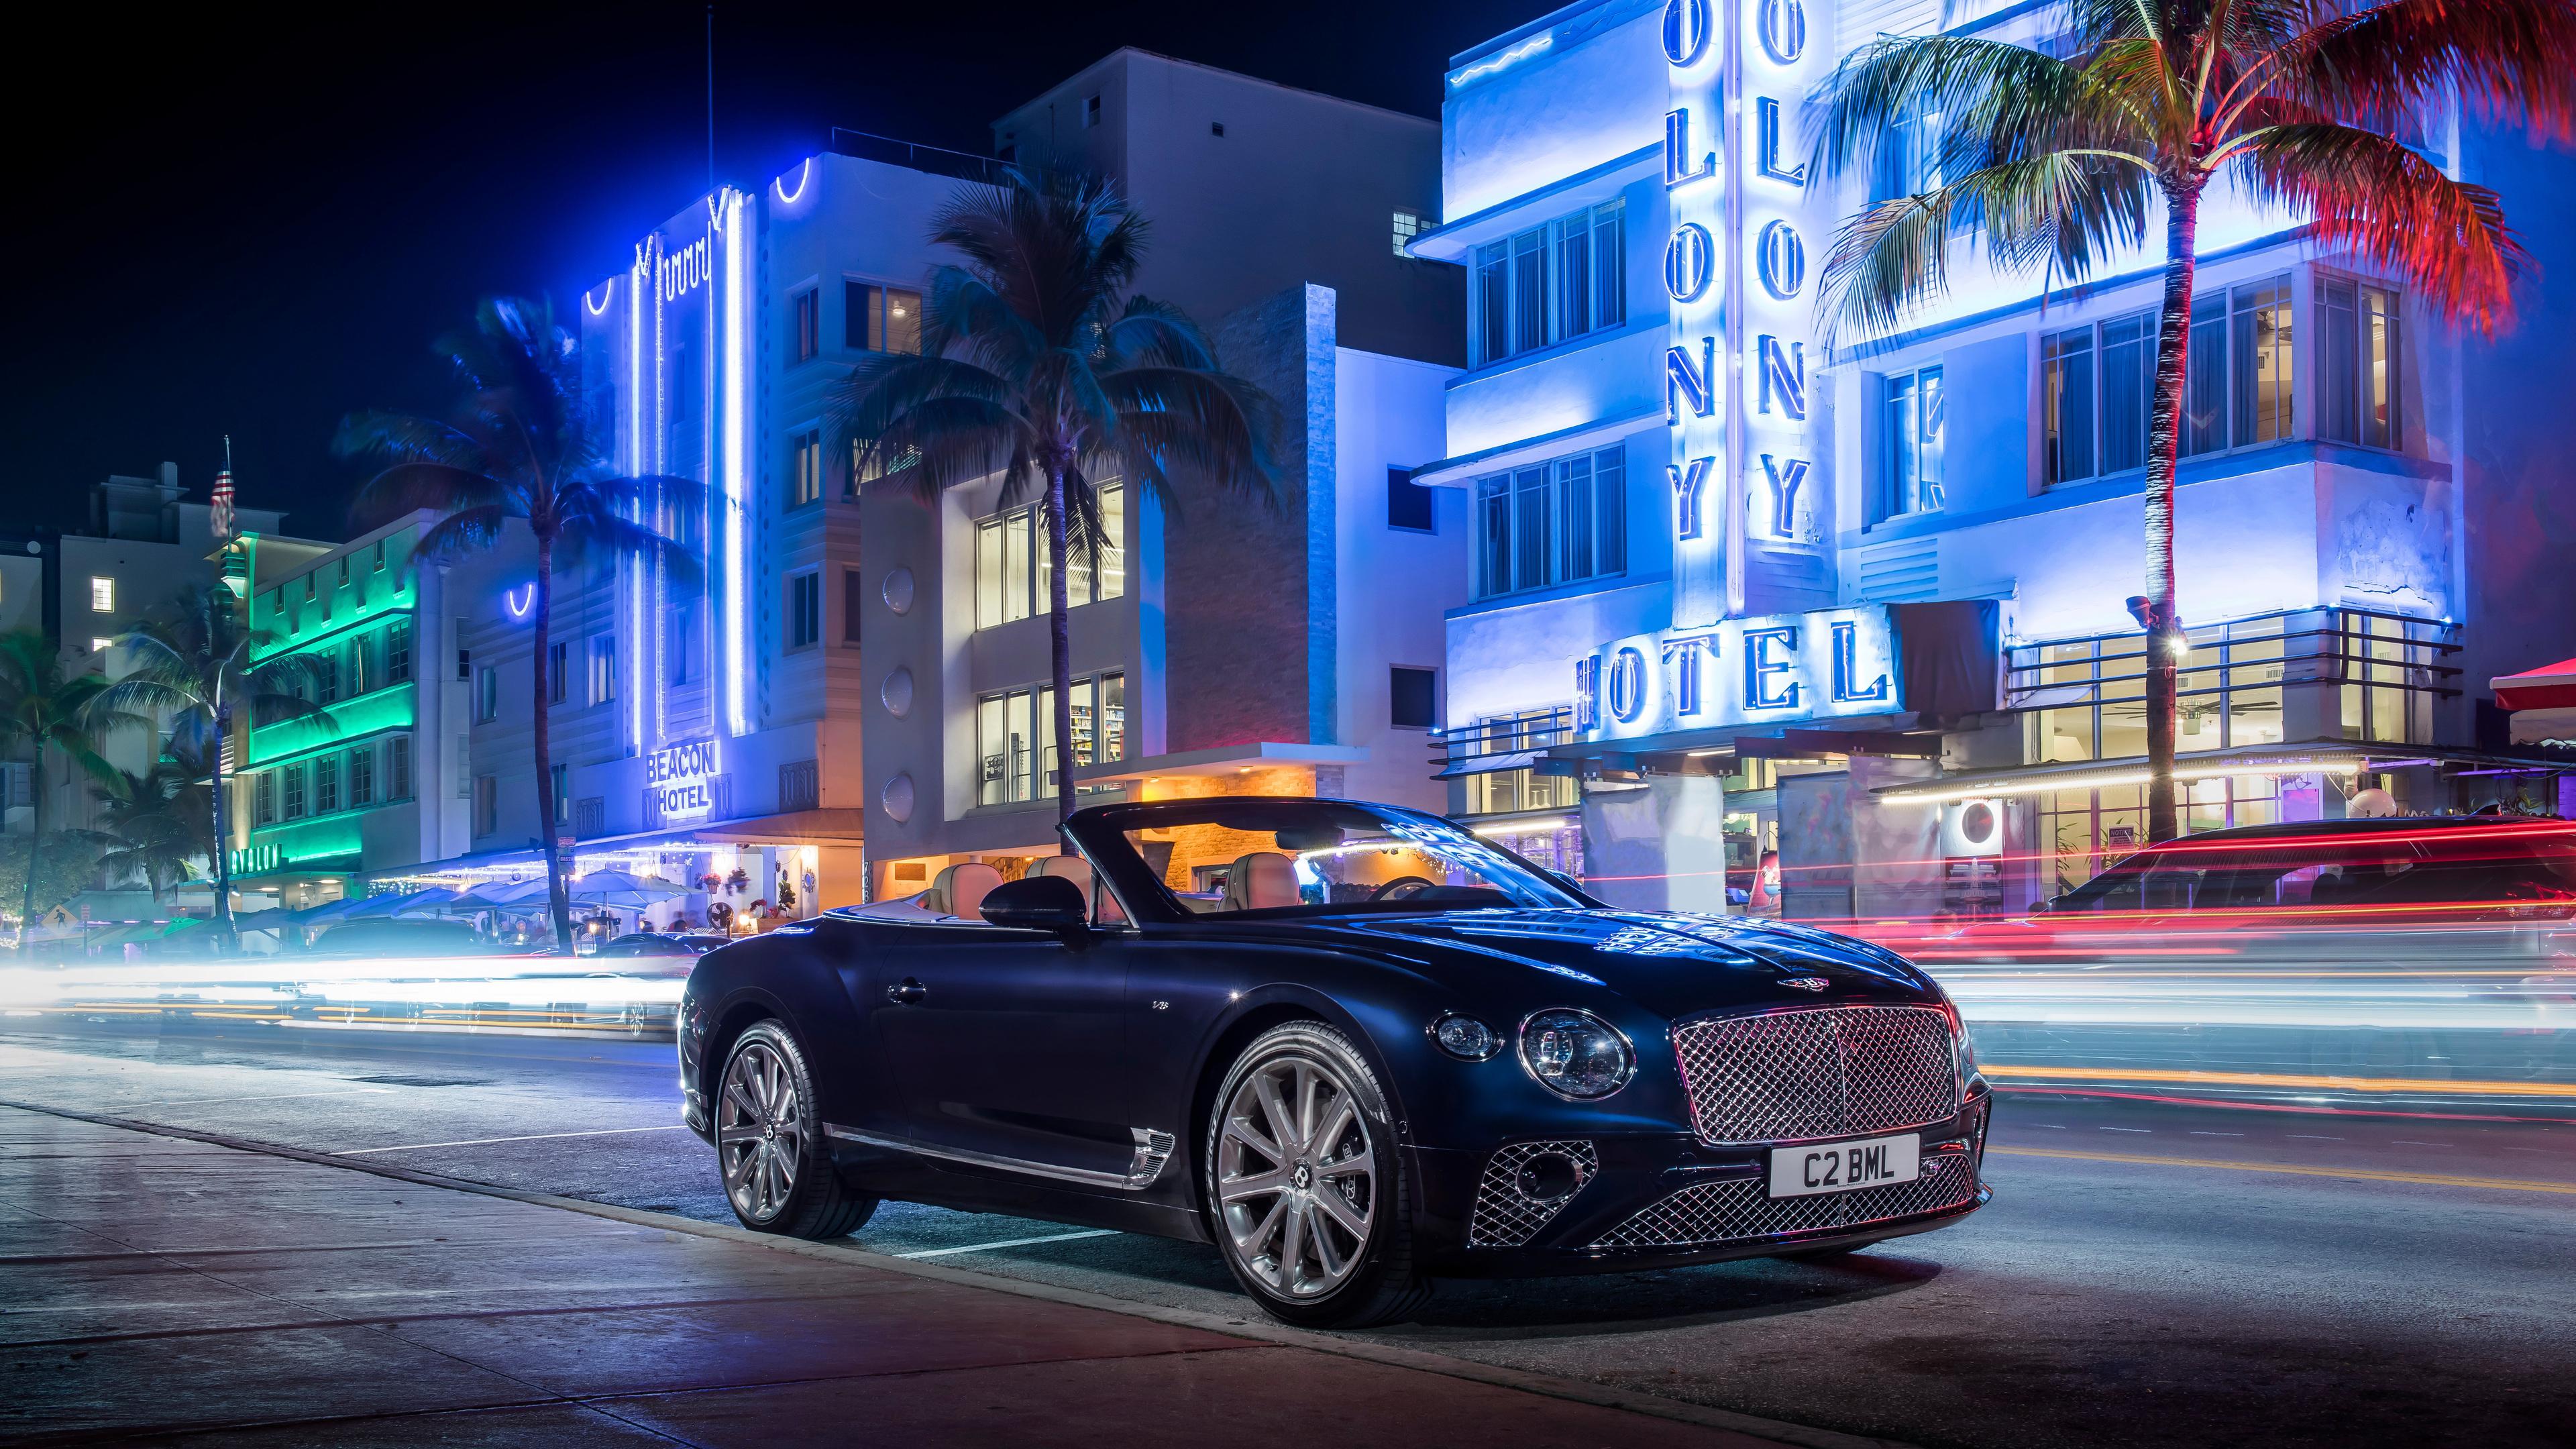 bentley continental gt v8 convertible 2019 4k 1554245210 - Bentley Continental GT V8 Convertible 2019 4k - hd-wallpapers, cars wallpapers, bentley wallpapers, bentley continental wallpapers, 8k wallpapers, 5k wallpapers, 4k-wallpapers, 2019 cars wallpapers